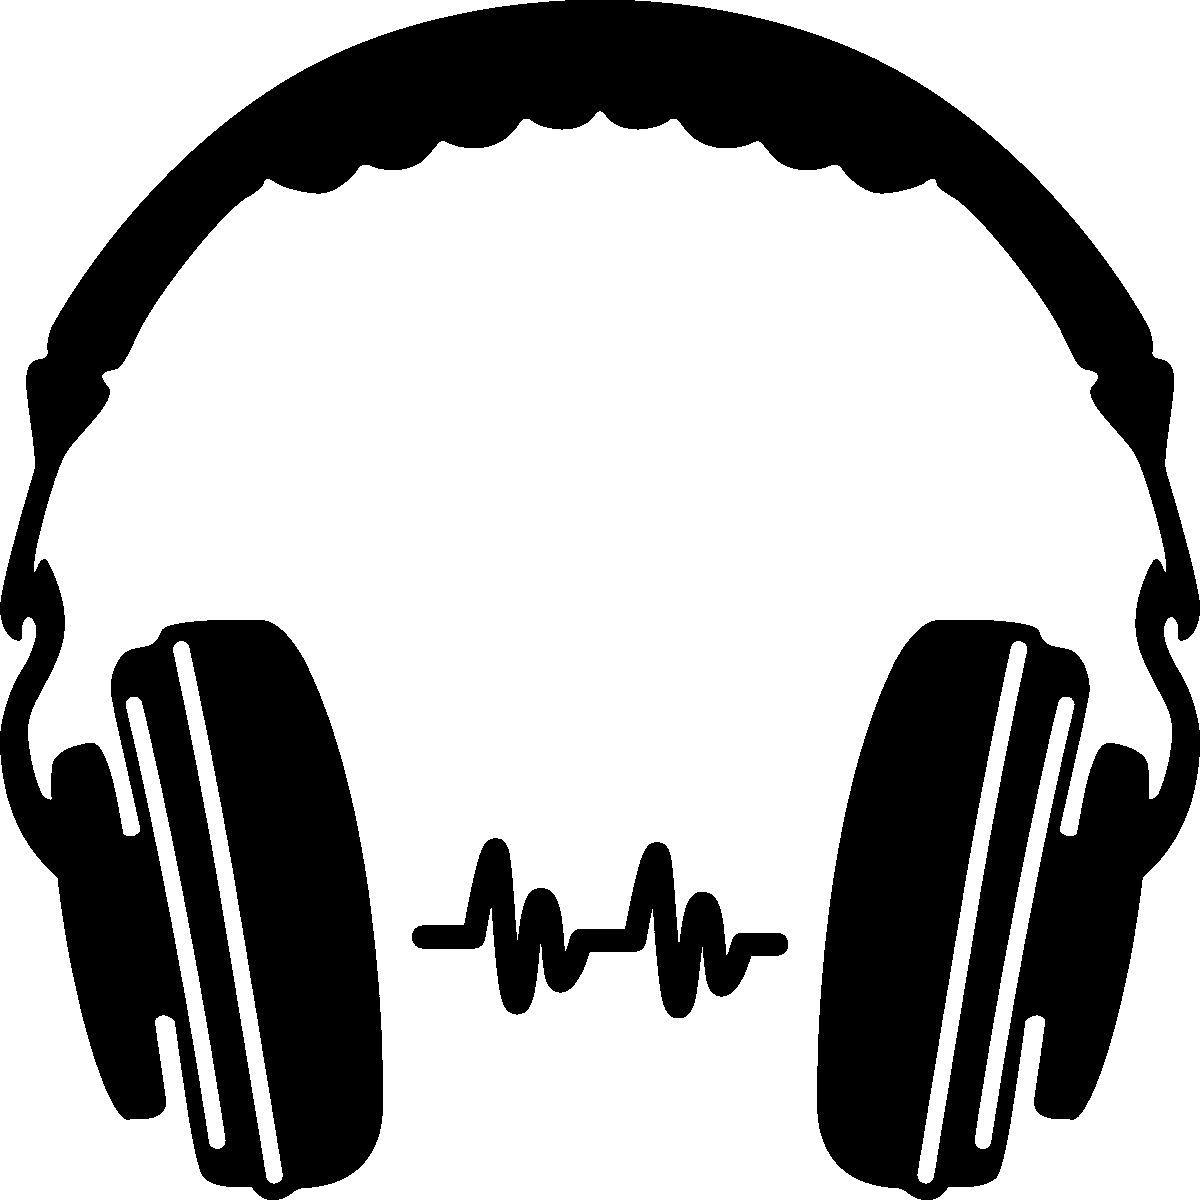 ¿Te gusta escuchar música mientras juegas? (entendiendo que la música no es parte del juego)